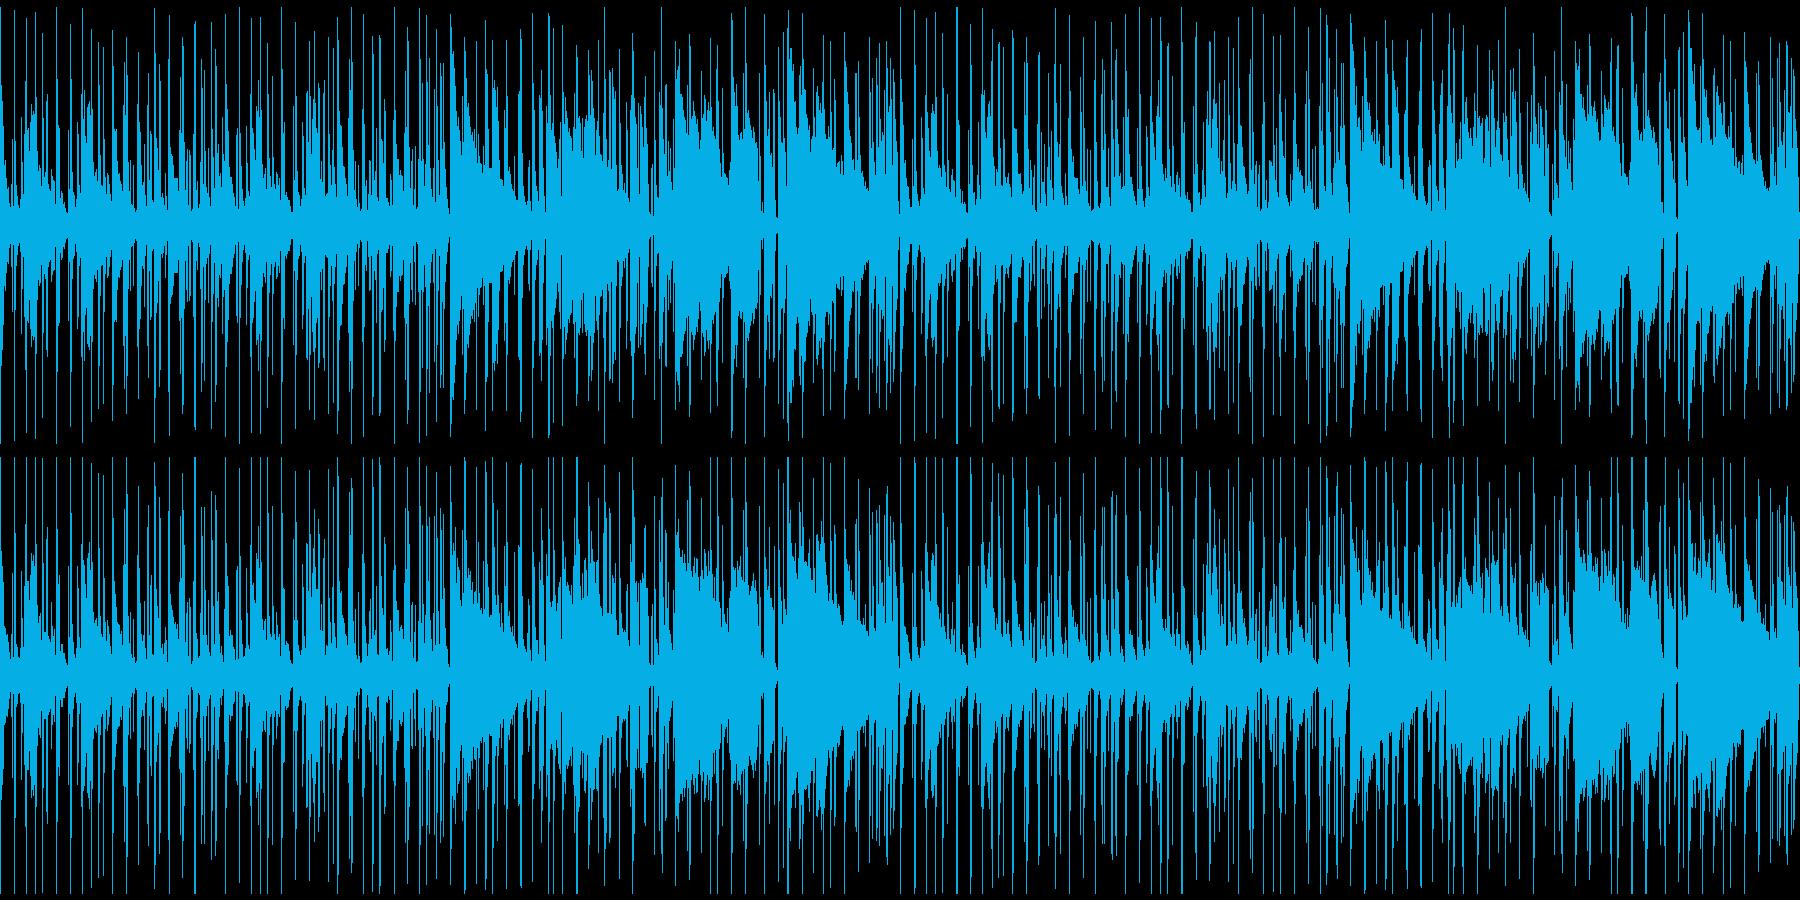 【ほのぼのオシャレな大人ジャズ】の再生済みの波形